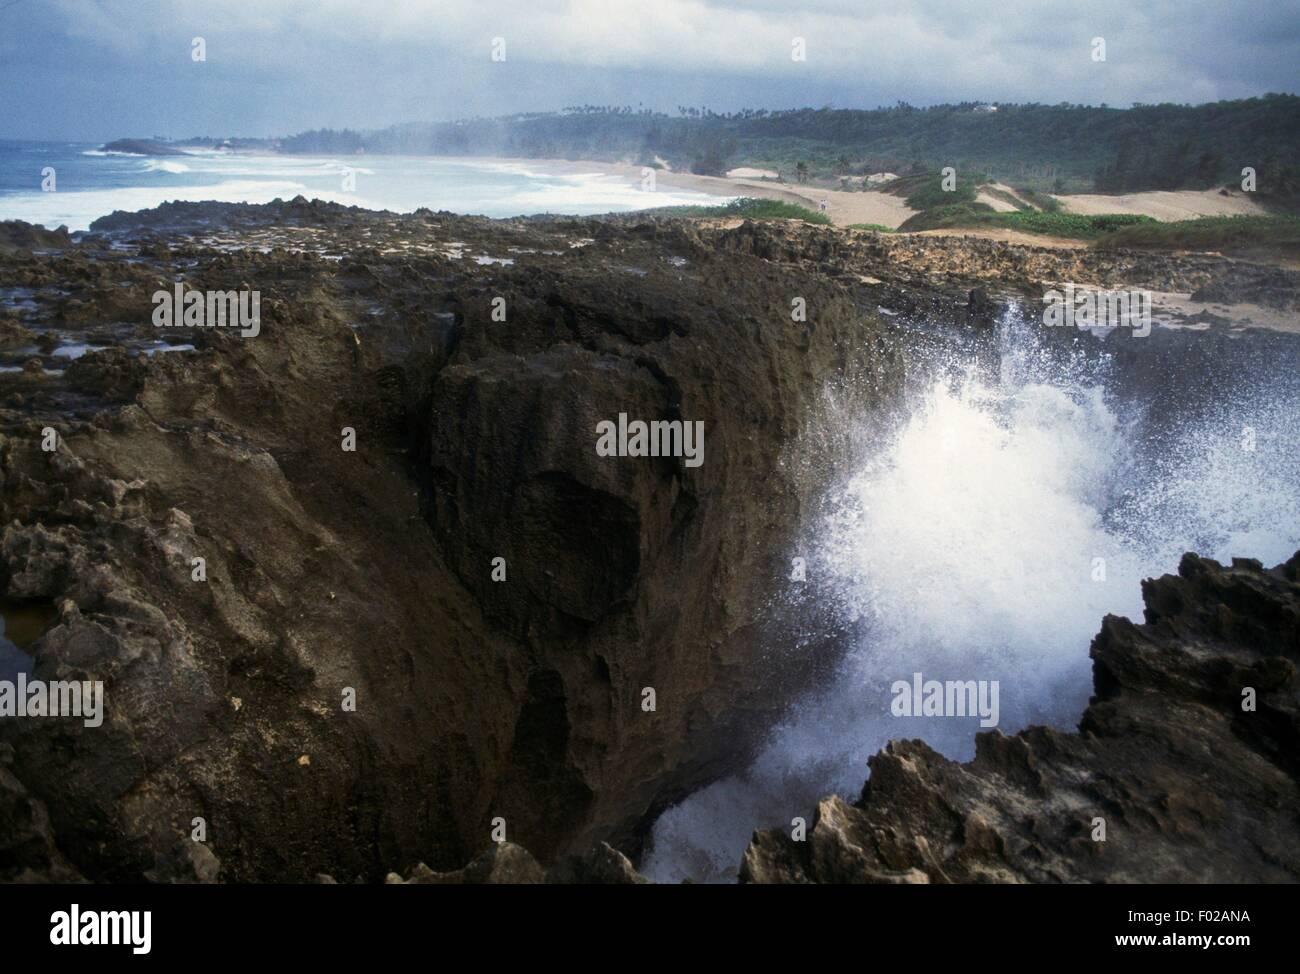 Vagues se brisant sur la côte rocheuse du nord de Quebradillas, Puerto Rico. Photo Stock